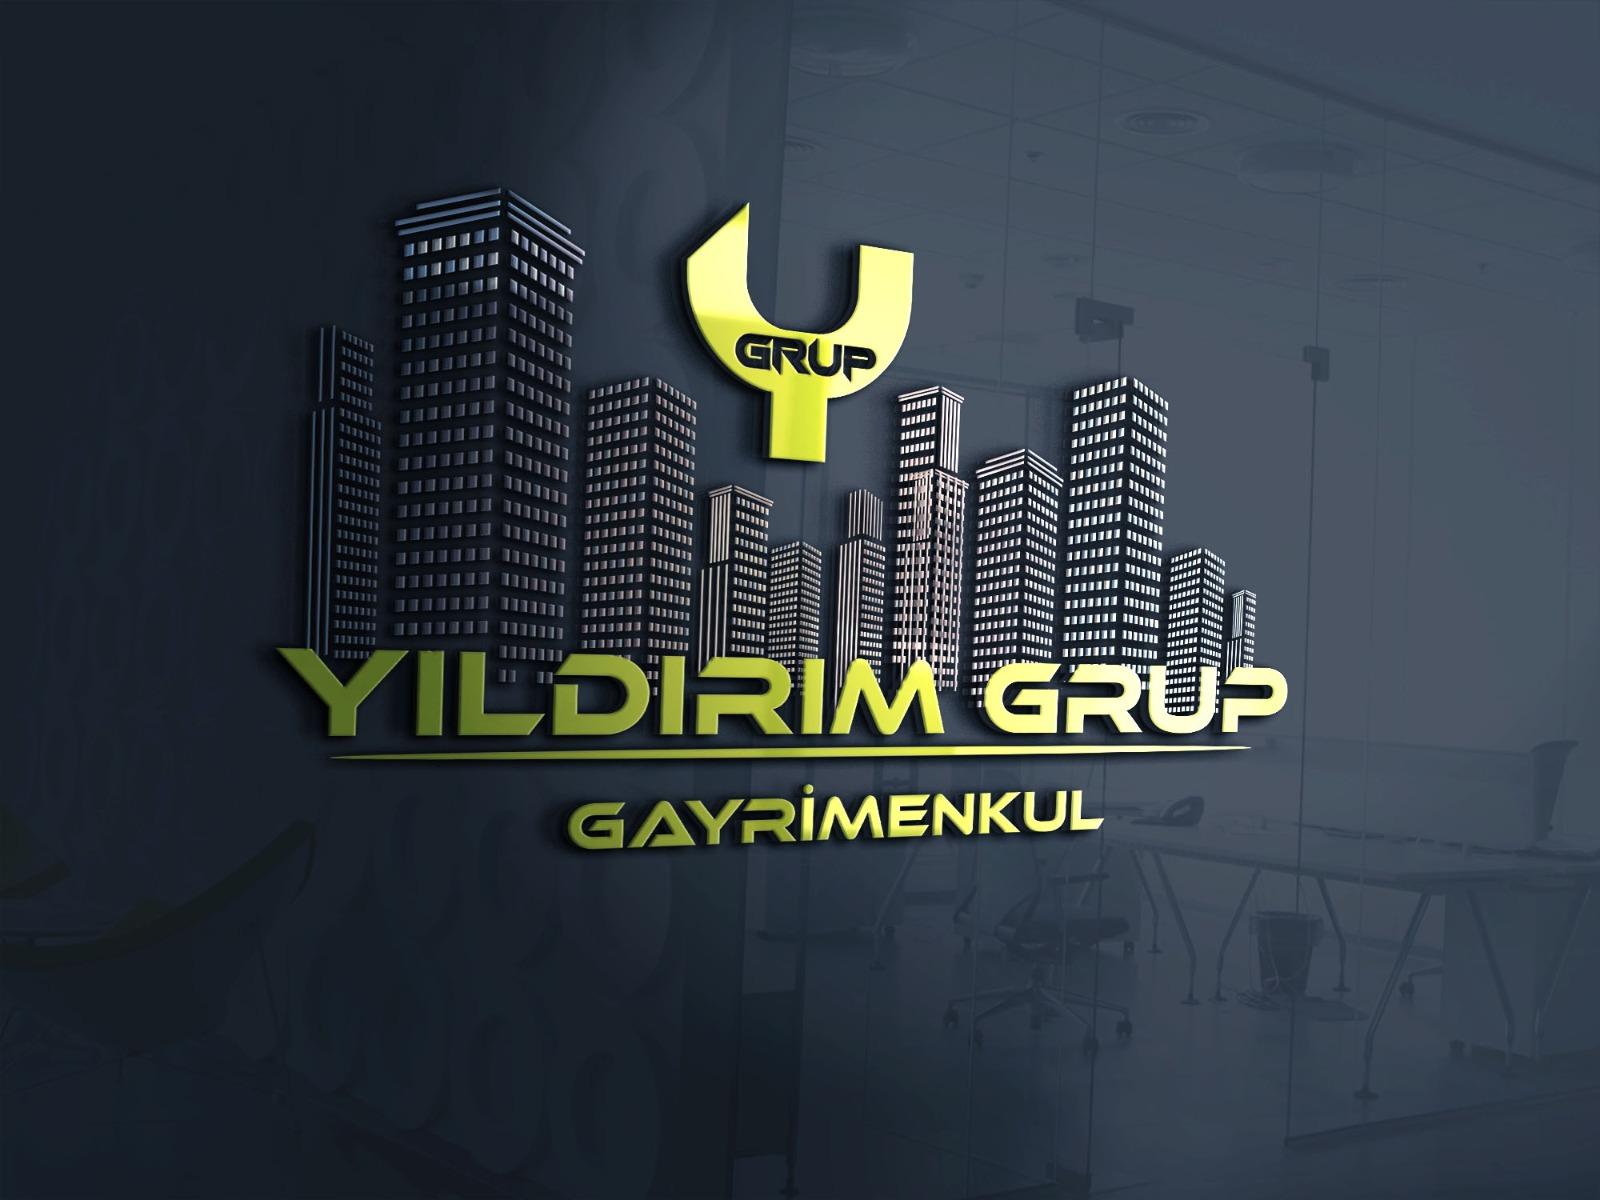 YILDIRIM GRUP GAYRİMENKUL